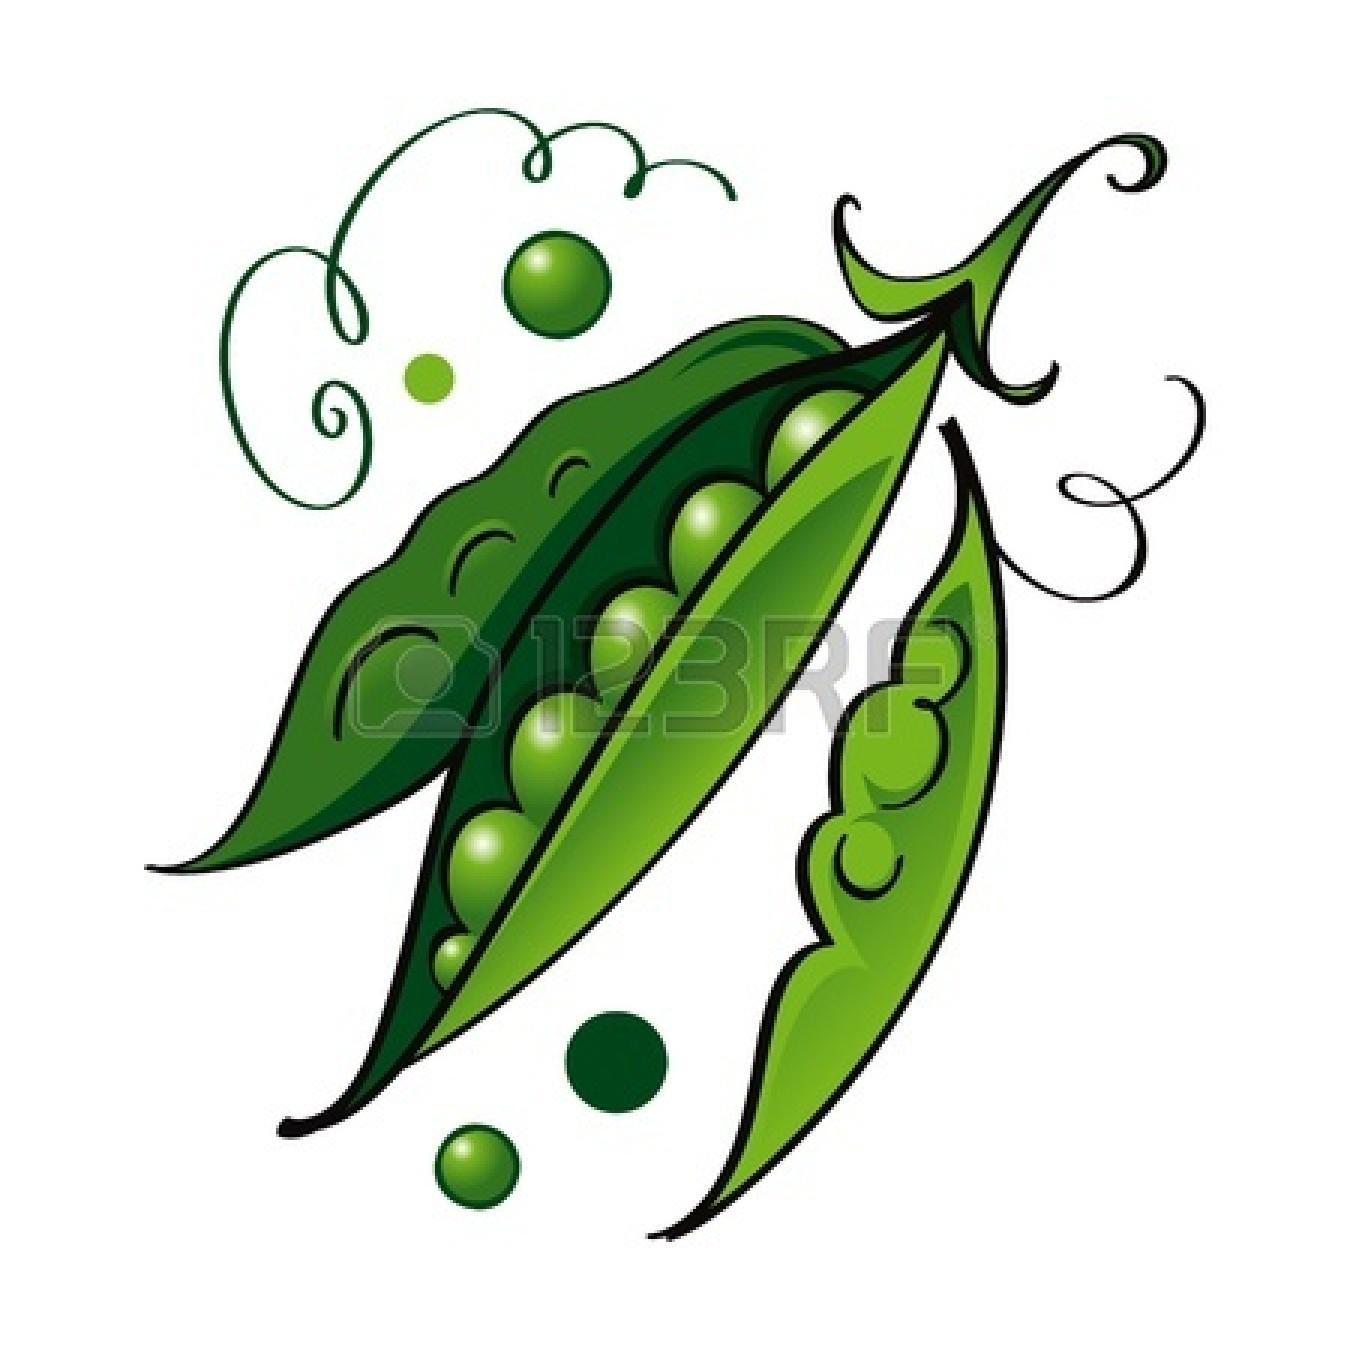 Bean clipart pea plant Flower Clipart Pea Clip Images